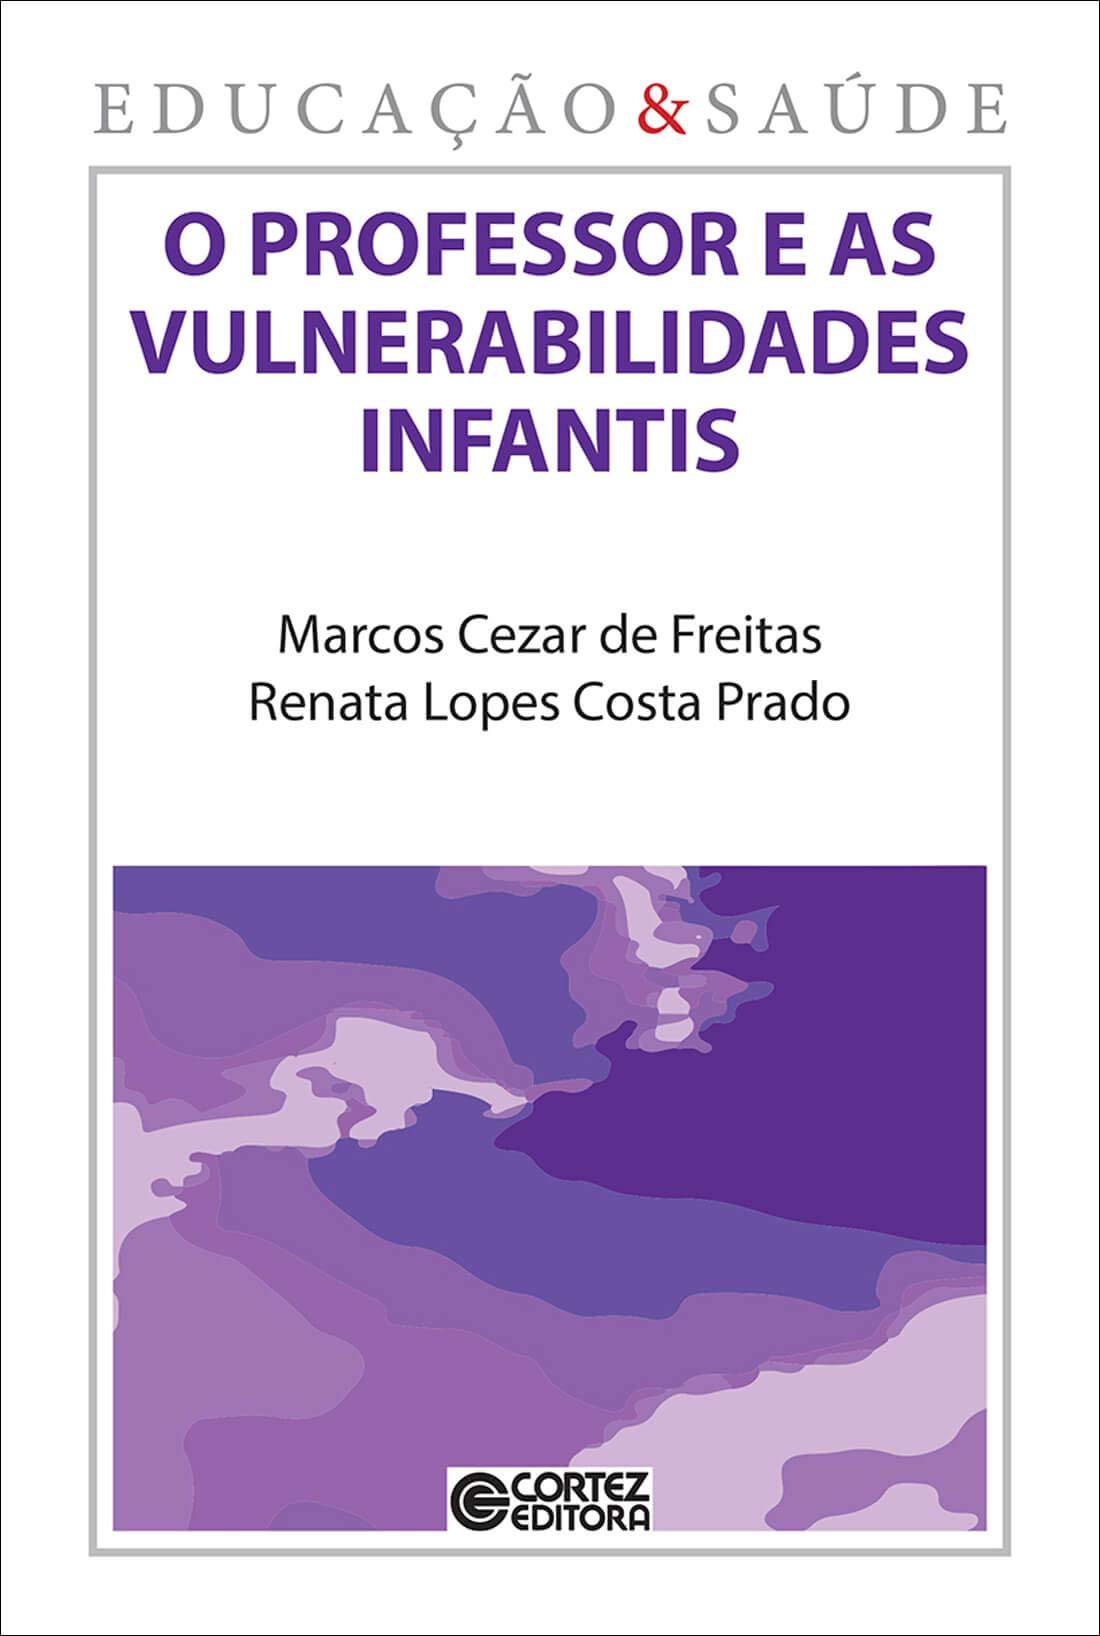 O professor e as vulnerabilidades infantis, livro de Marcos Cezar de Freitas, Renata Lopes Costa Prado